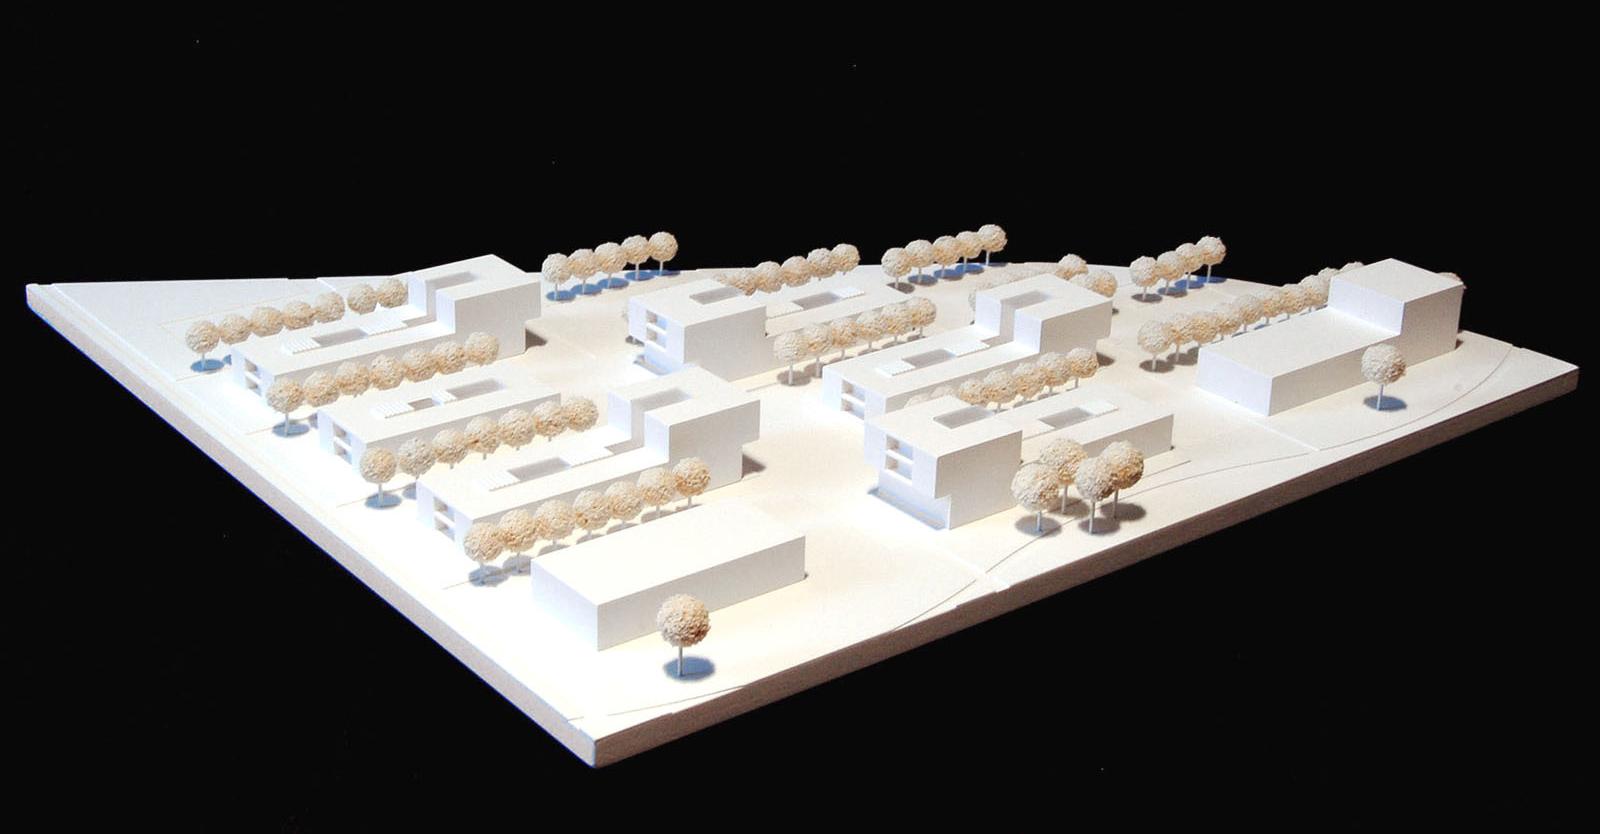 Modell-Neubau-eines-Studentenwohnheims-in-Augsburg-Wettbewerb-2009-5.Preis-©-Friedrich-Poerschke-Zwink-Architekten